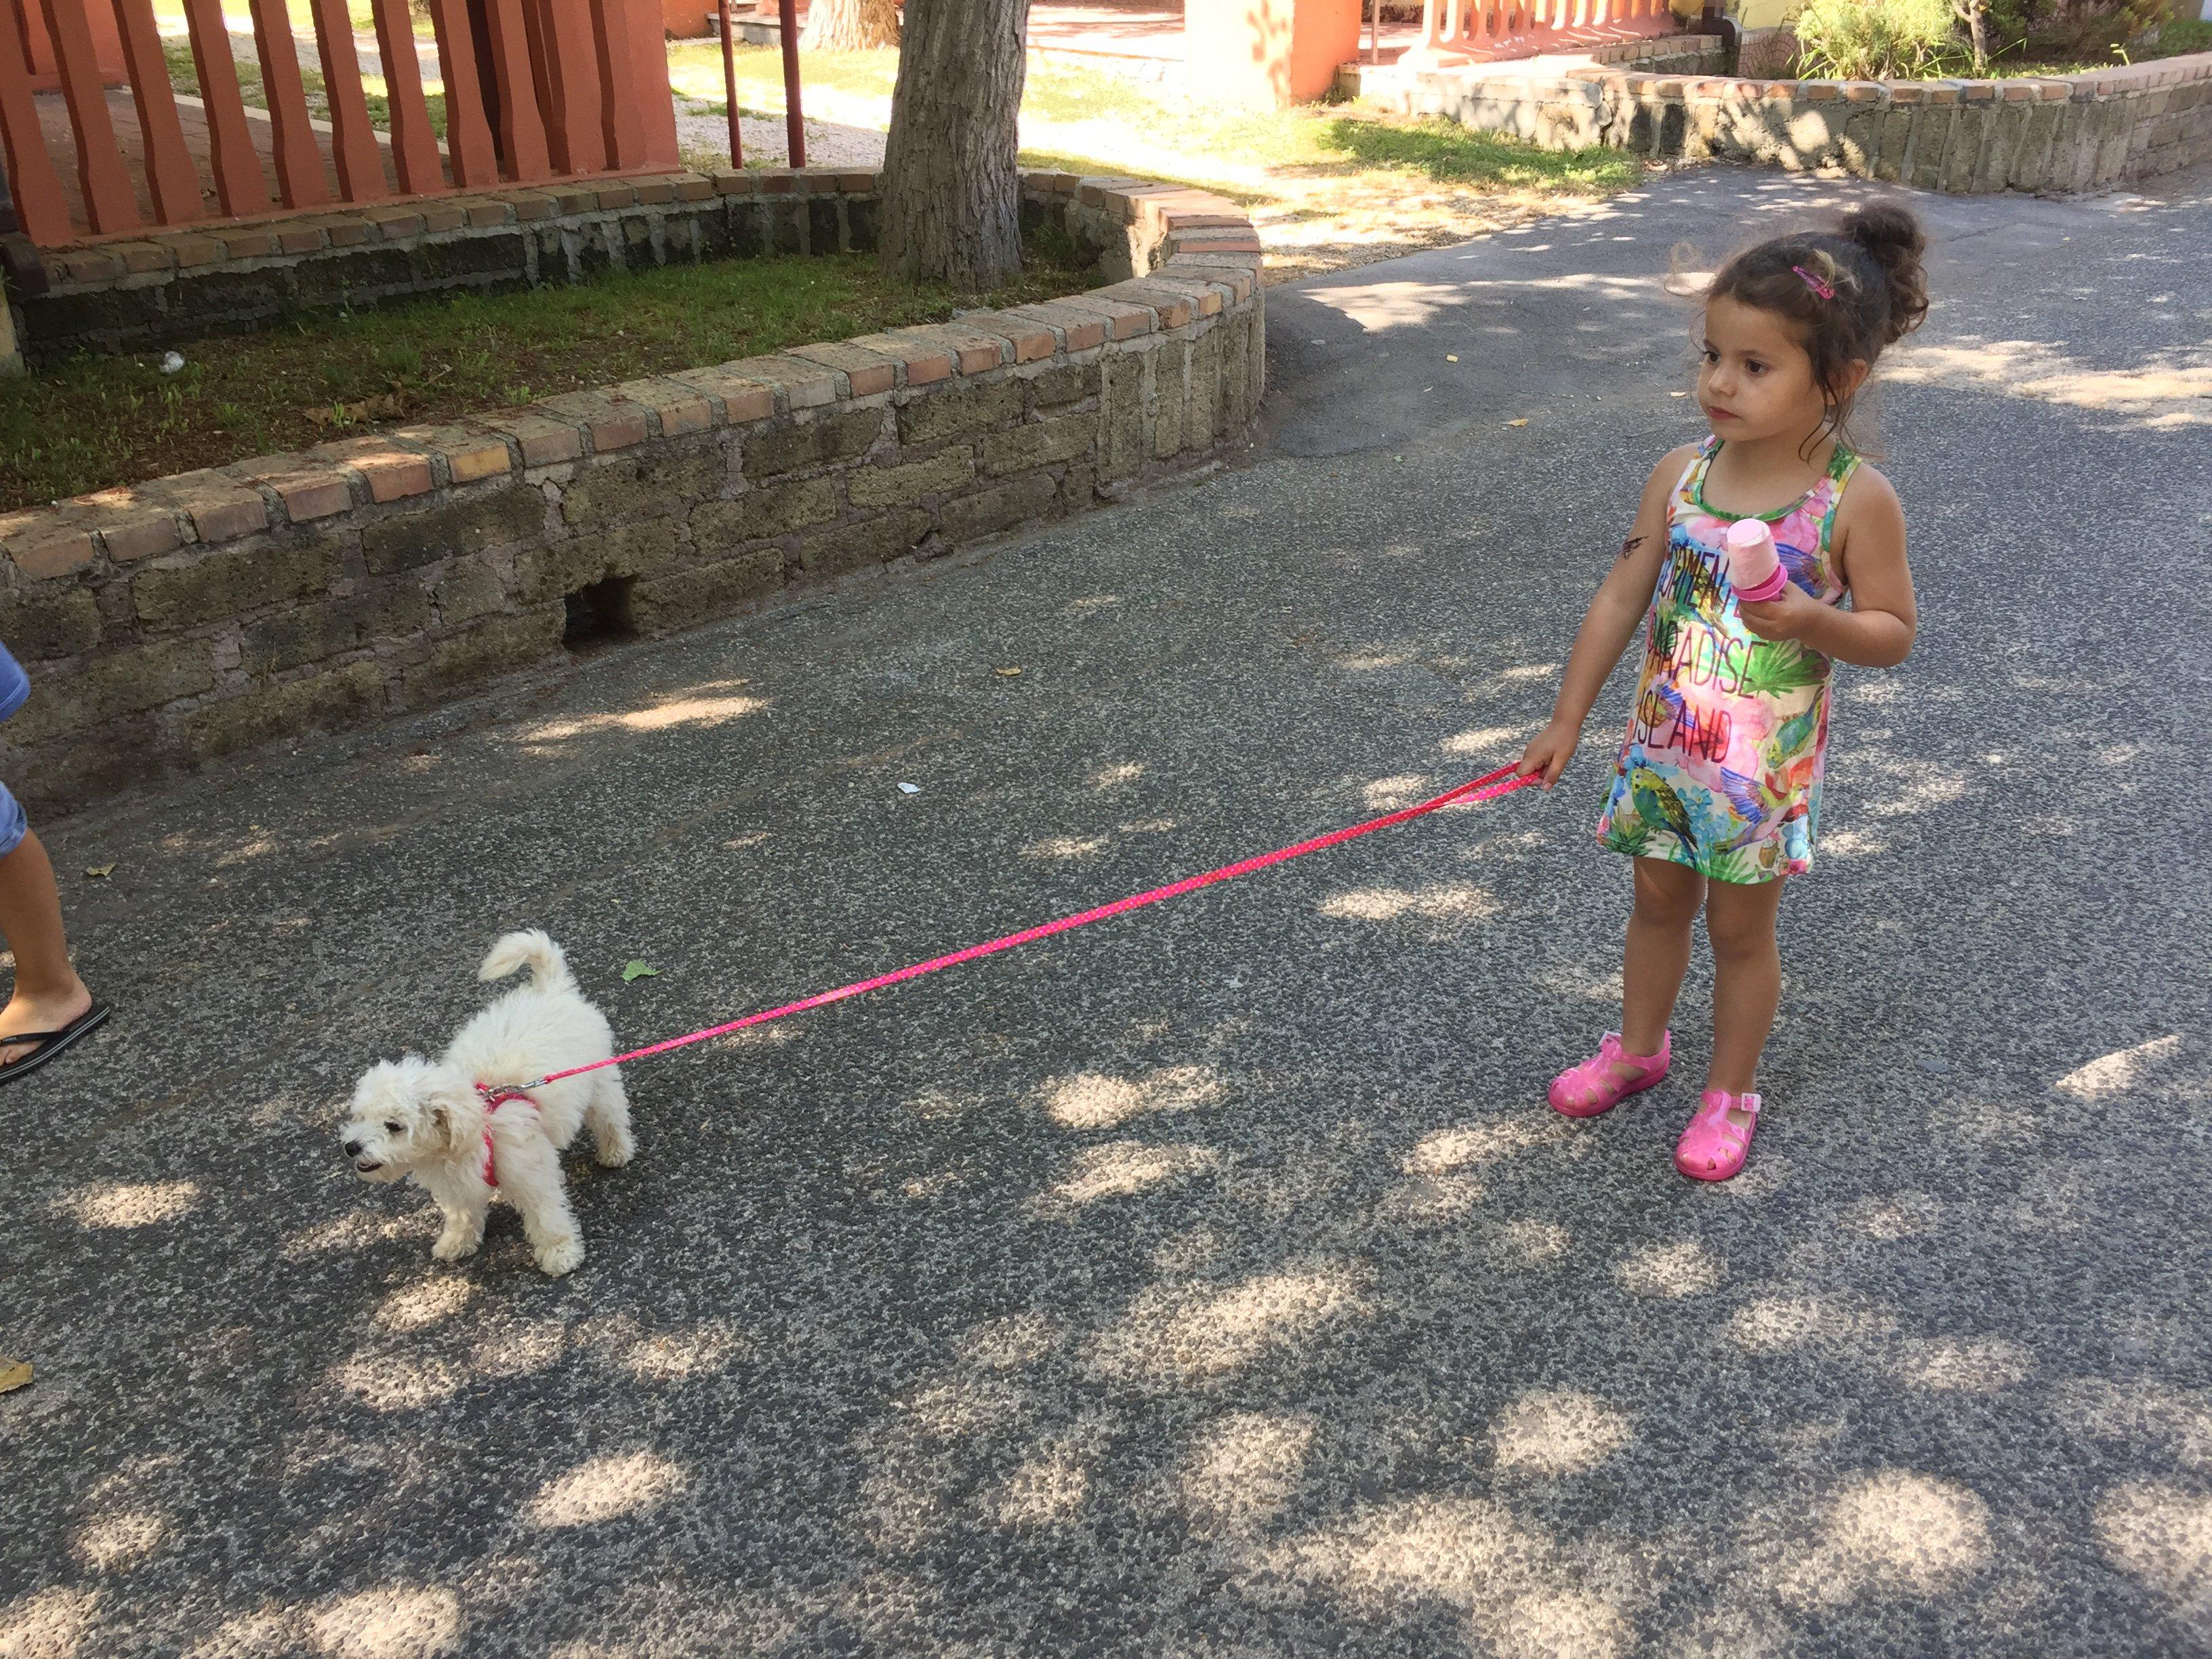 Bambina con cagnolino al guinzaglio